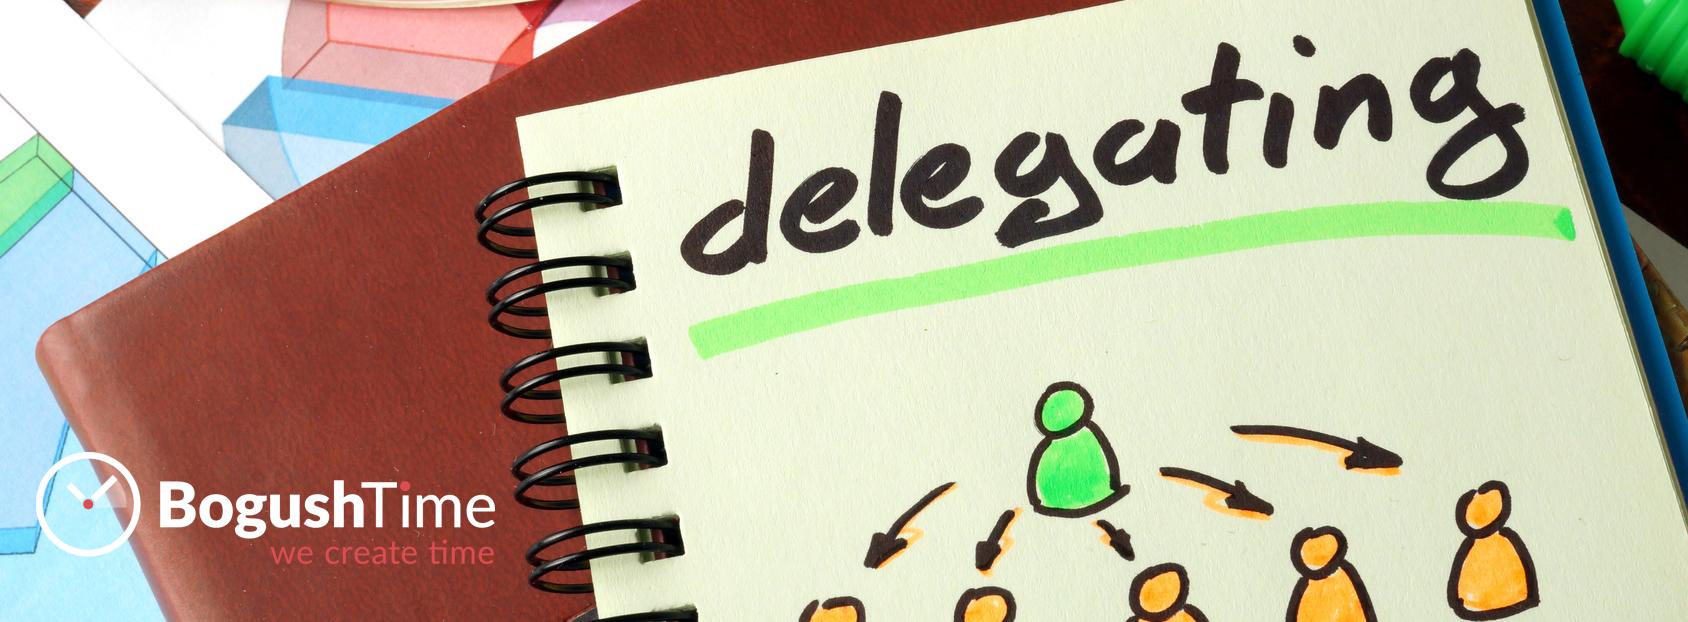 delegating.jpg